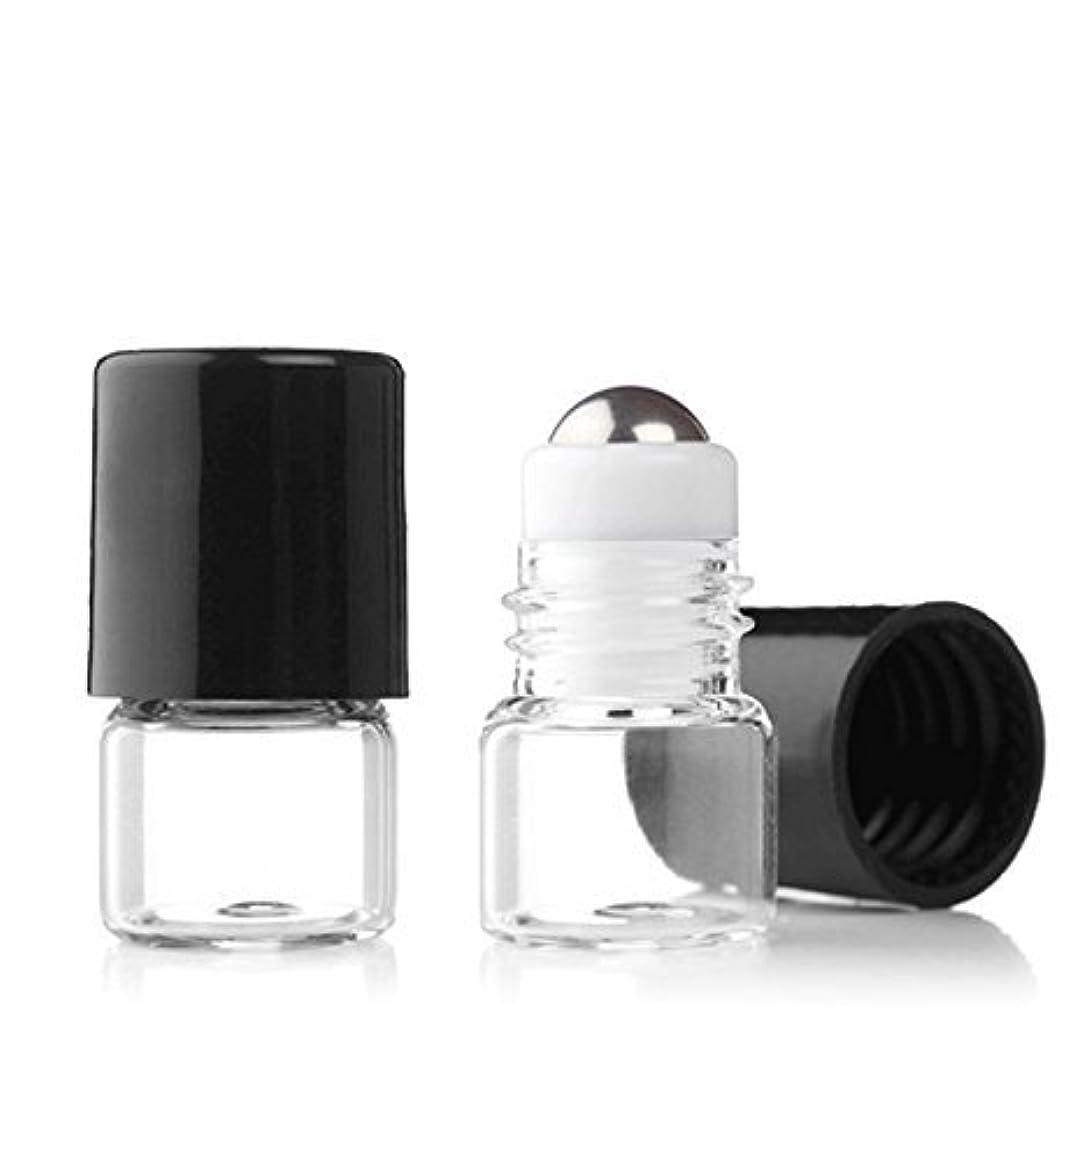 宿題をする不名誉明日Grand Parfums Empty 1ml Micro Mini Rollon Dram Glass Bottles with Metal Roller Balls - Refillable Aromatherapy...